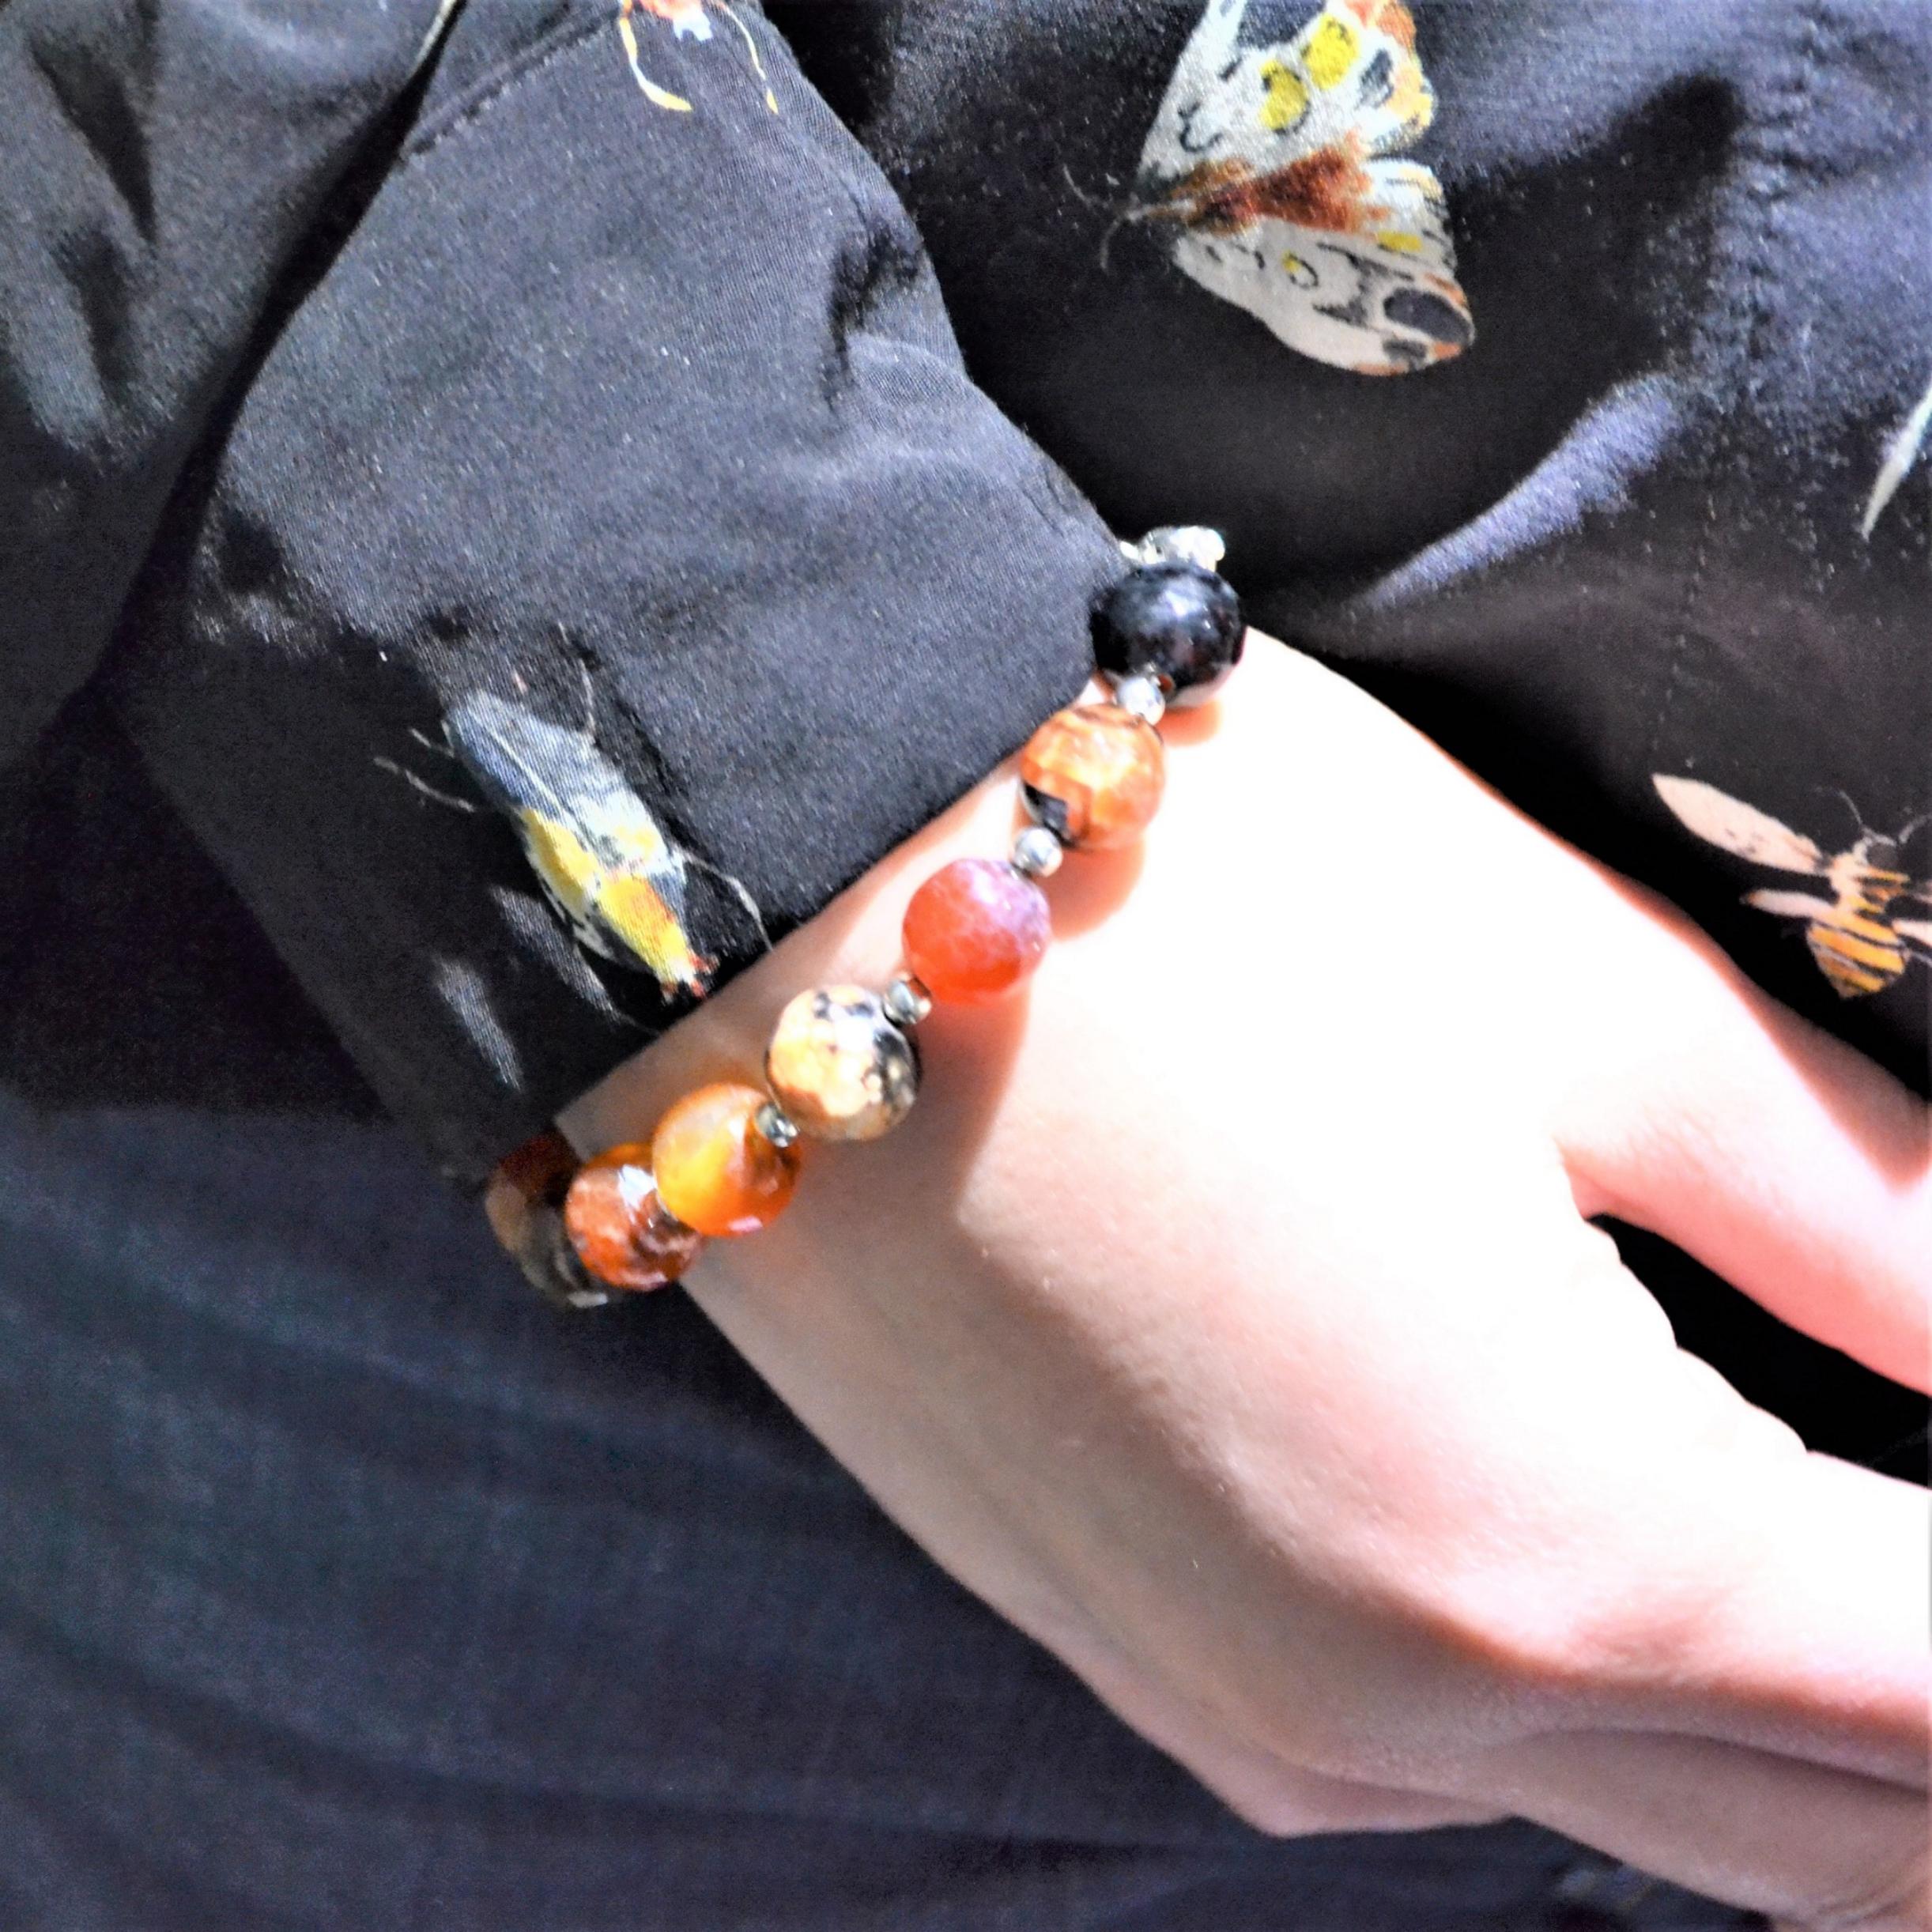 Fantaisie- Bracelet-Agate les bijoux de mel artisan bijoutier joaillier création sur mesure